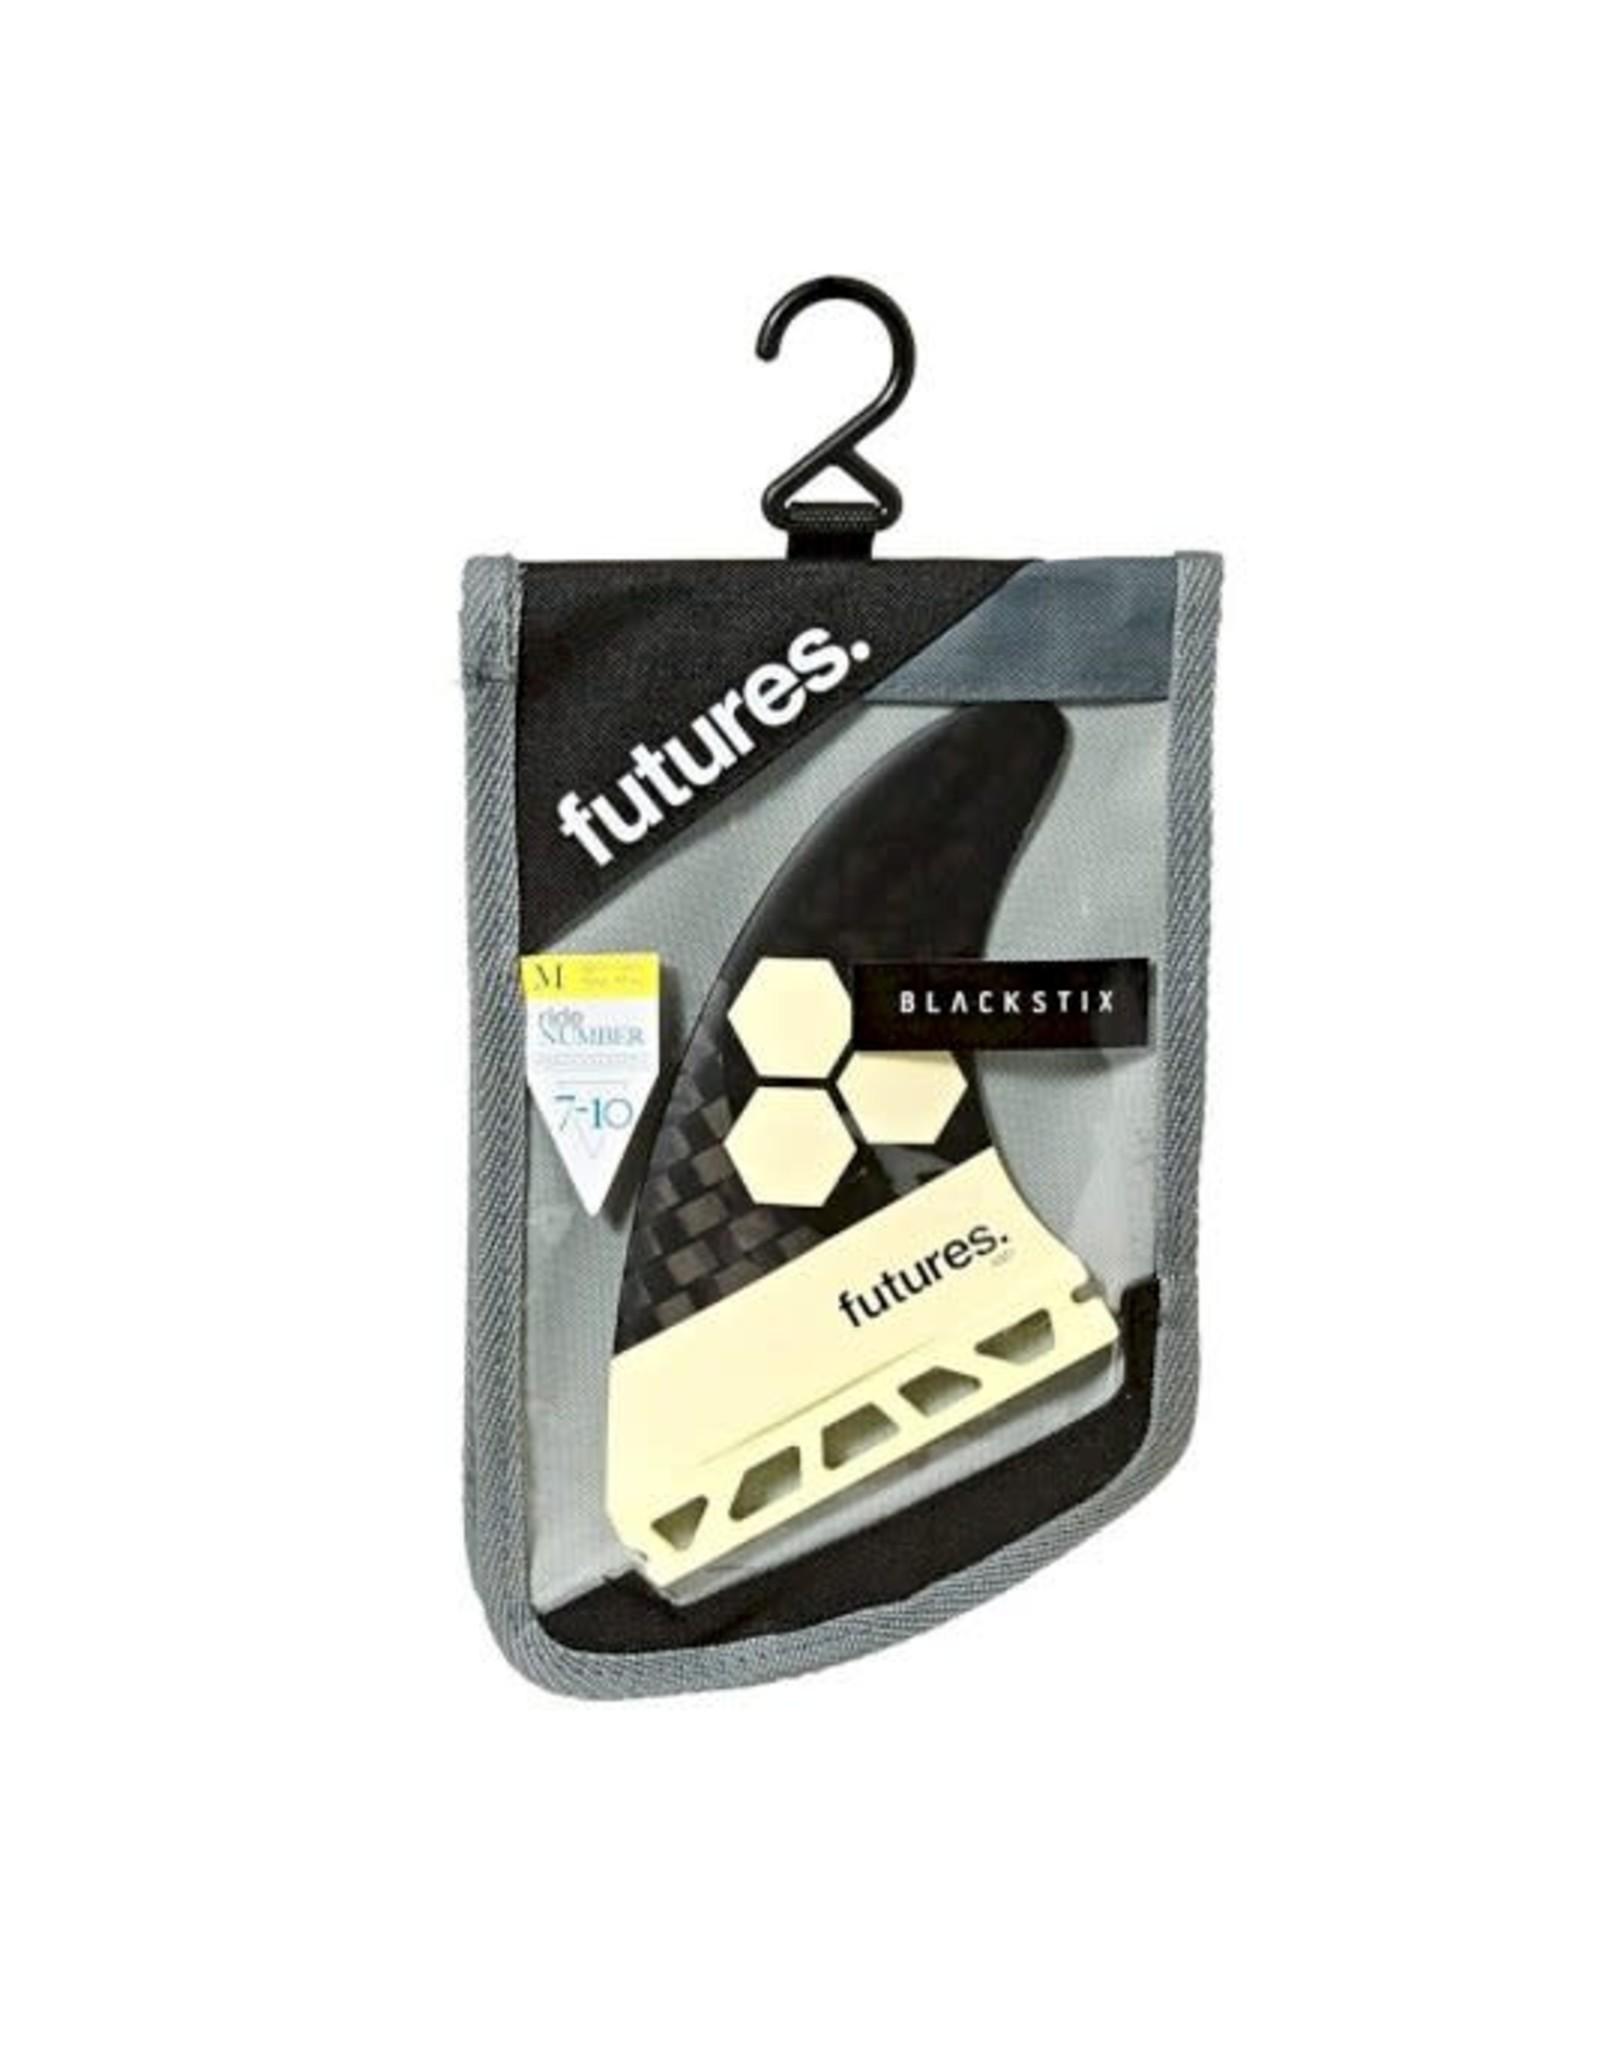 Futures Futures Fins Thruster Set AM1 Al Merrick Blackstix